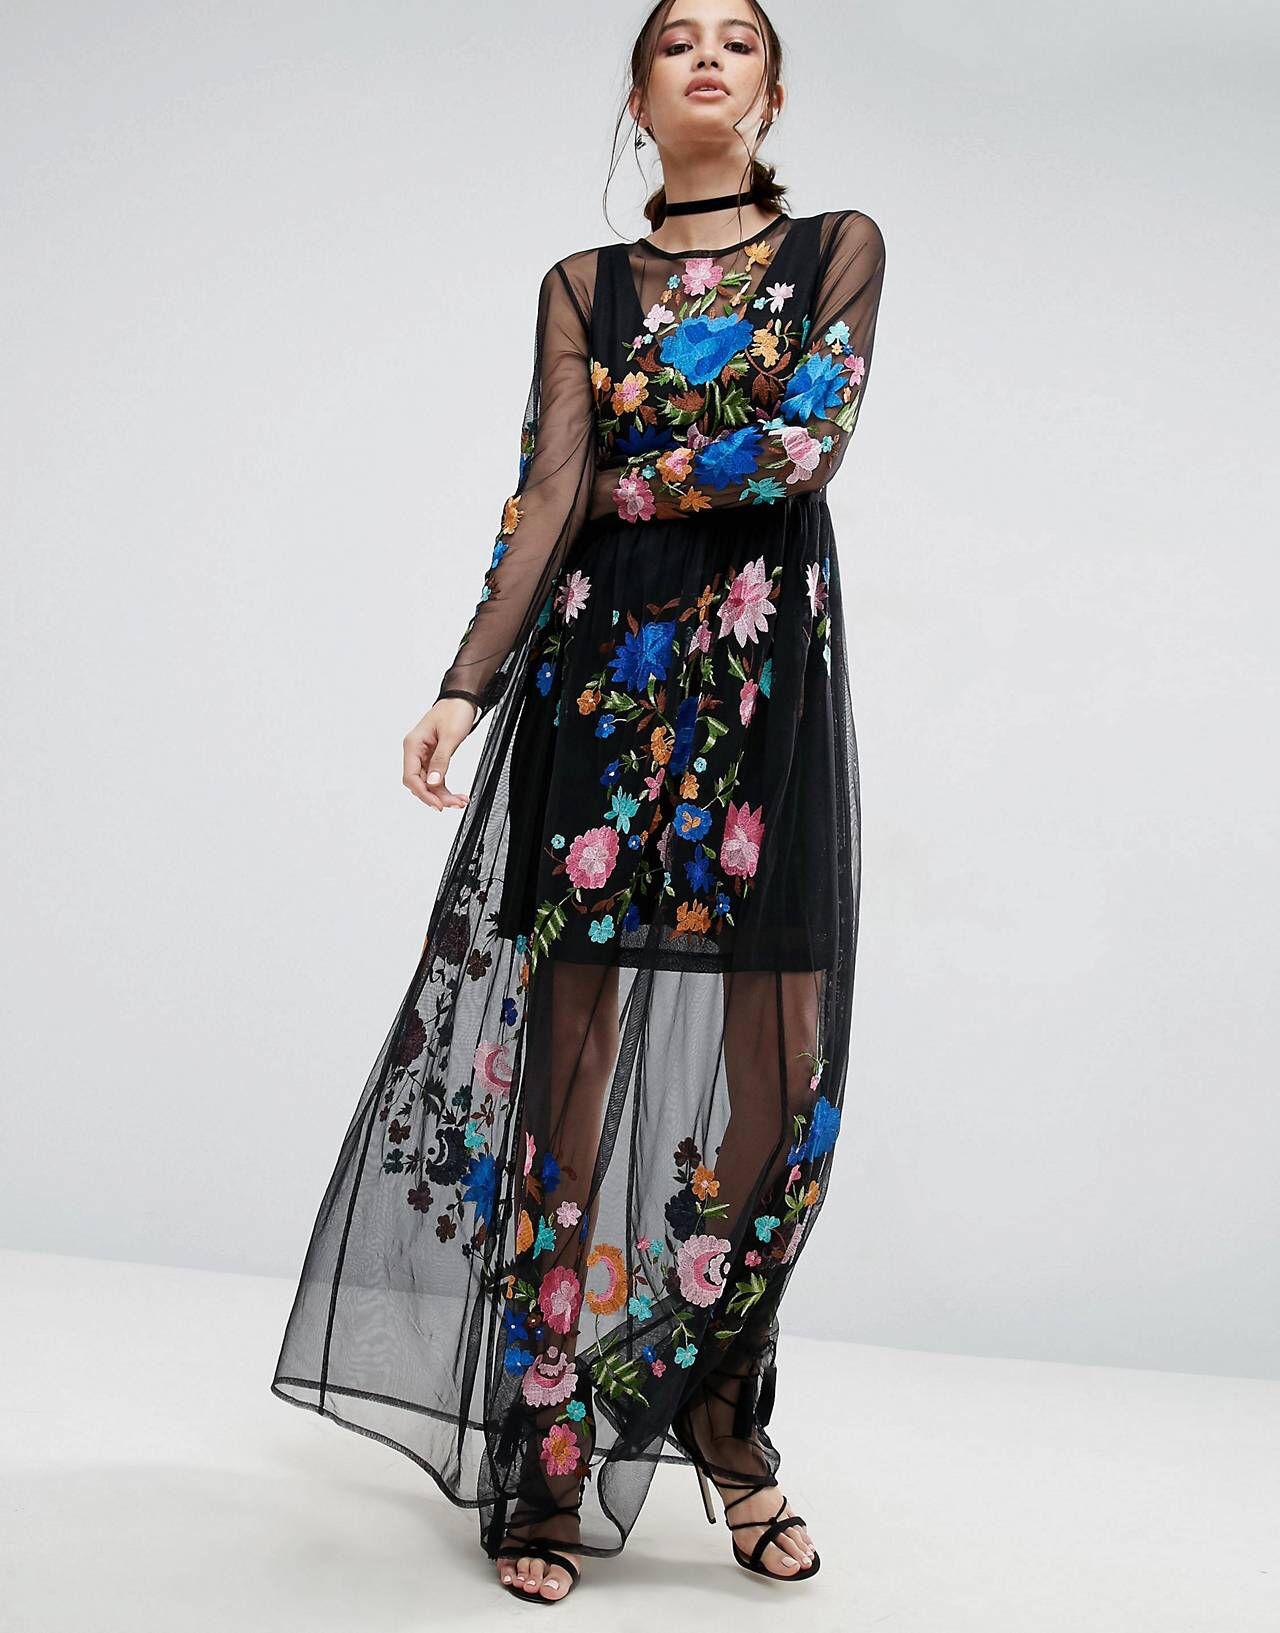 b26f244aec254 PREMIUM Maxi Dress in Pretty Embroidered Mesh